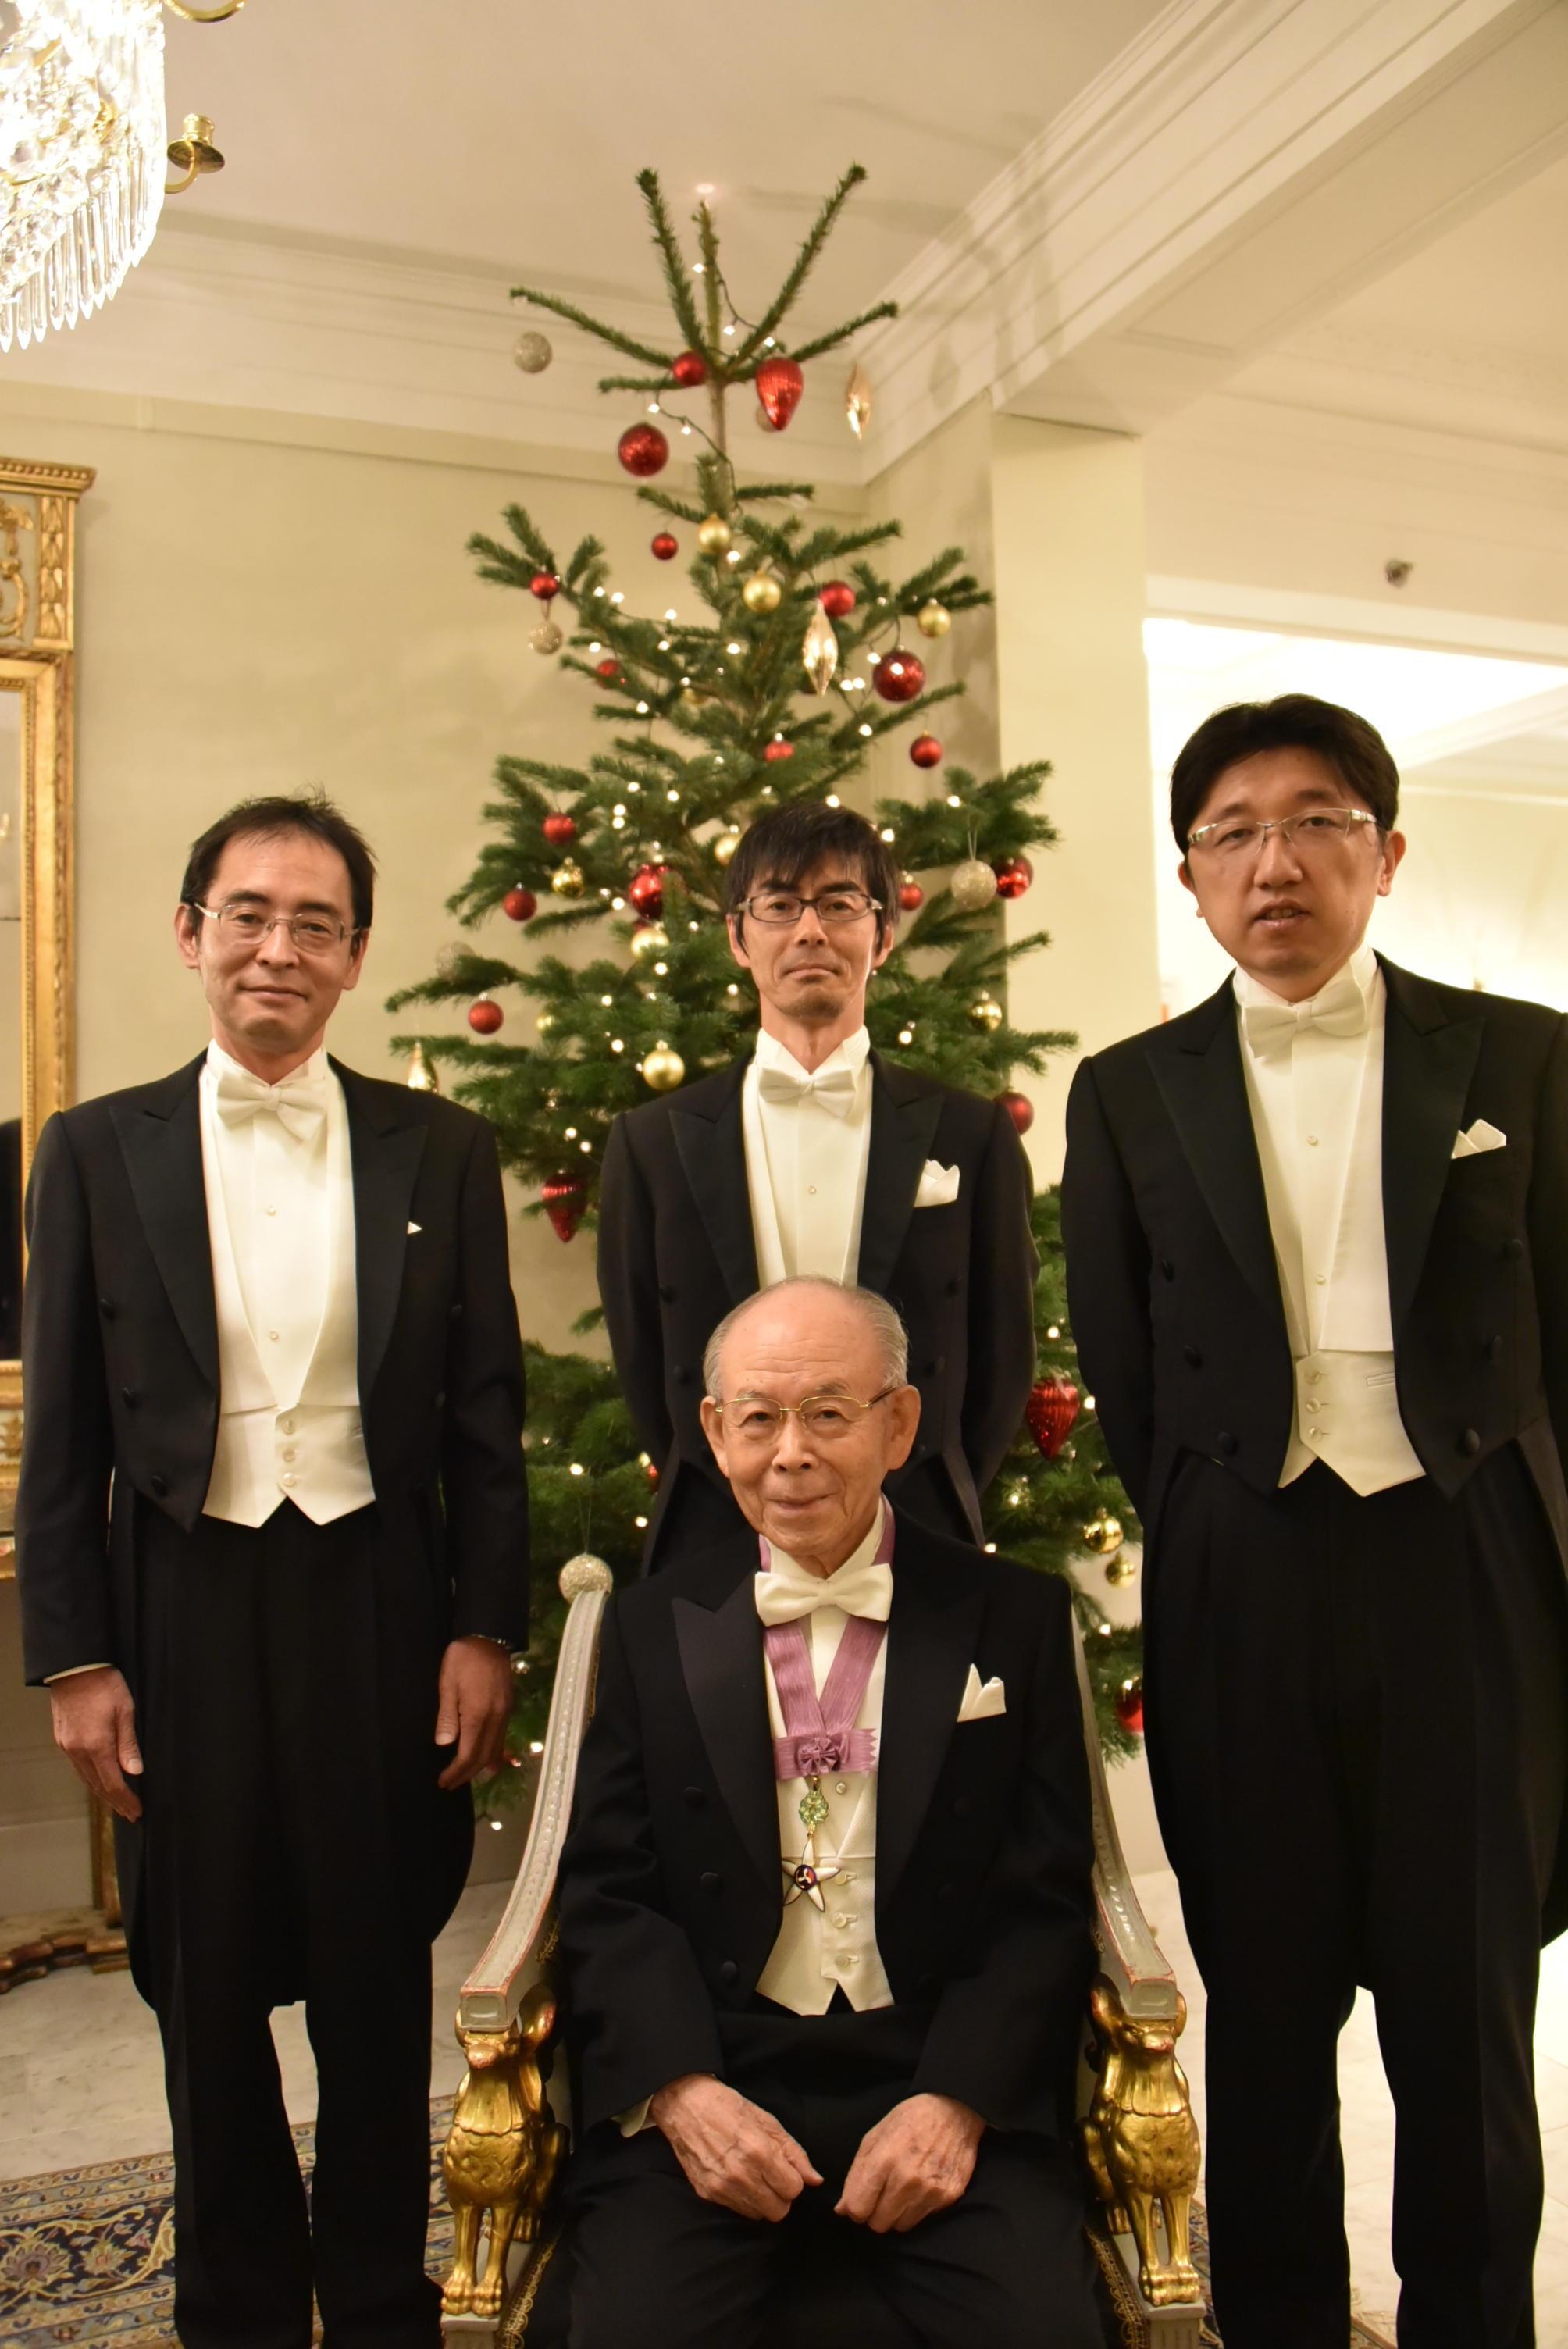 2014年、名城大学の門下生の教員とストックホルムで記念写真(左から上山智教授、竹内哲也准教授(当時)、岩谷素顕准教授(当時))